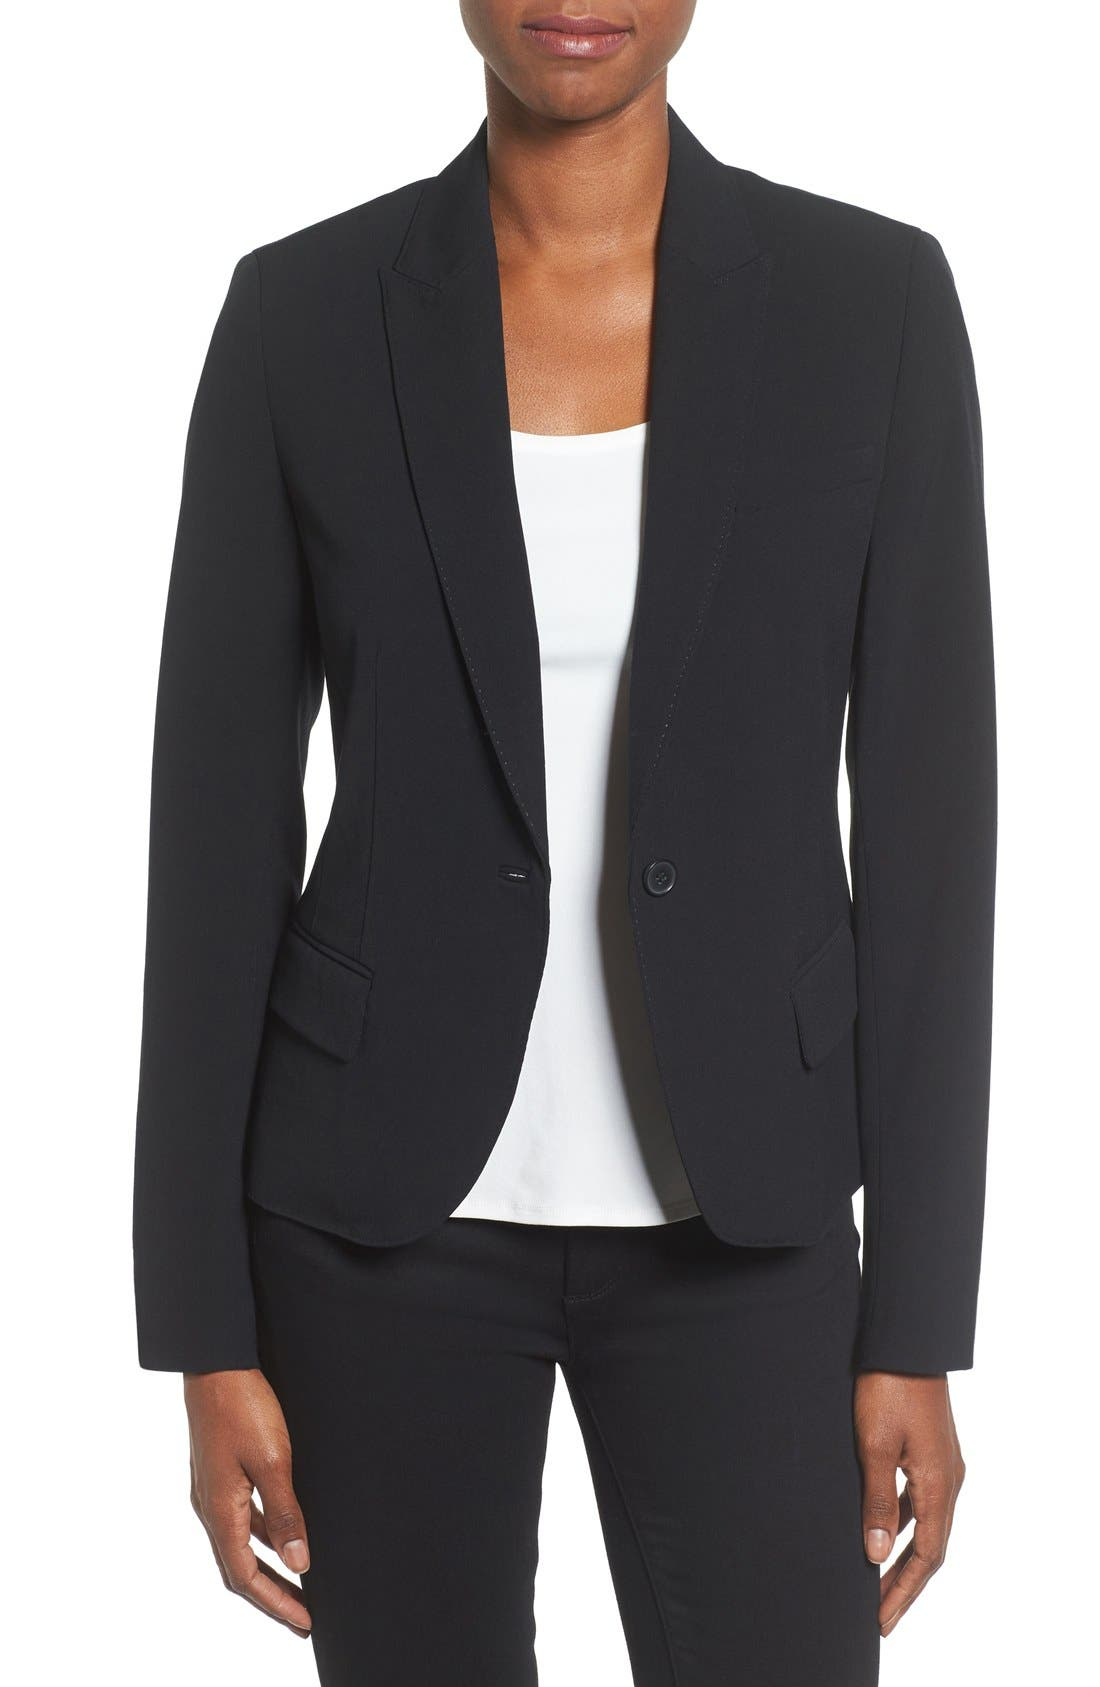 ANNE KLEIN, One-Button Suit Jacket, Main thumbnail 1, color, ANNE KLEIN BLACK